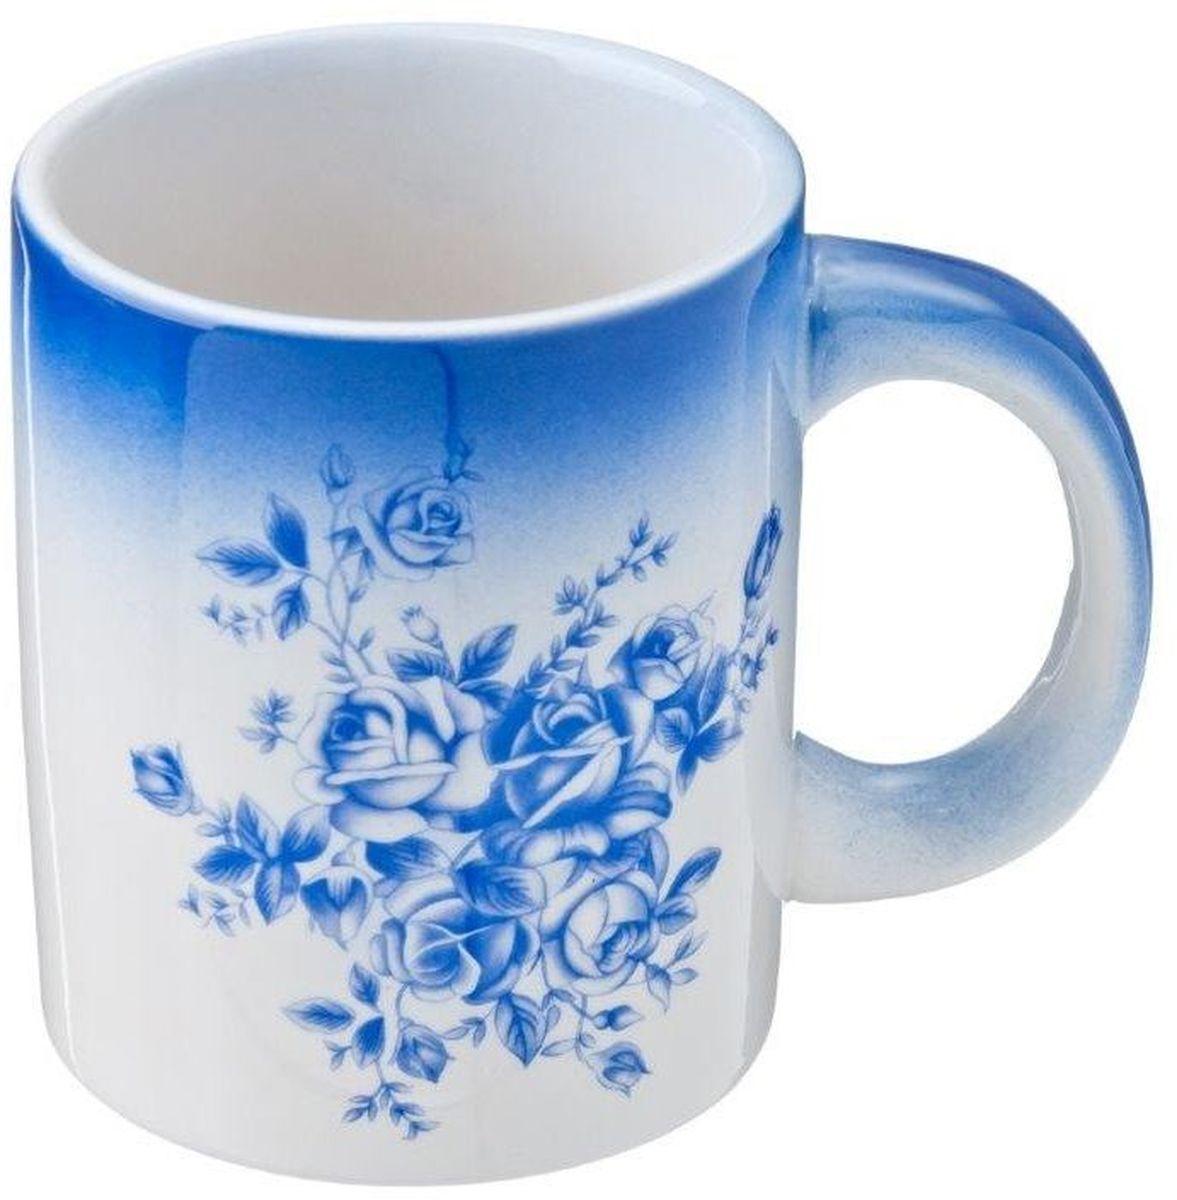 Кружка Vetta Народные мотивы, 300 мл115510Кружка Народные мотивы, выполненная из высококачественной керамики, декорирована синим цветочным узором. Изделие оснащено удобной ручкой. Кружка сочетает в себе оригинальный дизайн и функциональность. Благодаря такой кружке пить напитки будет еще вкуснее.